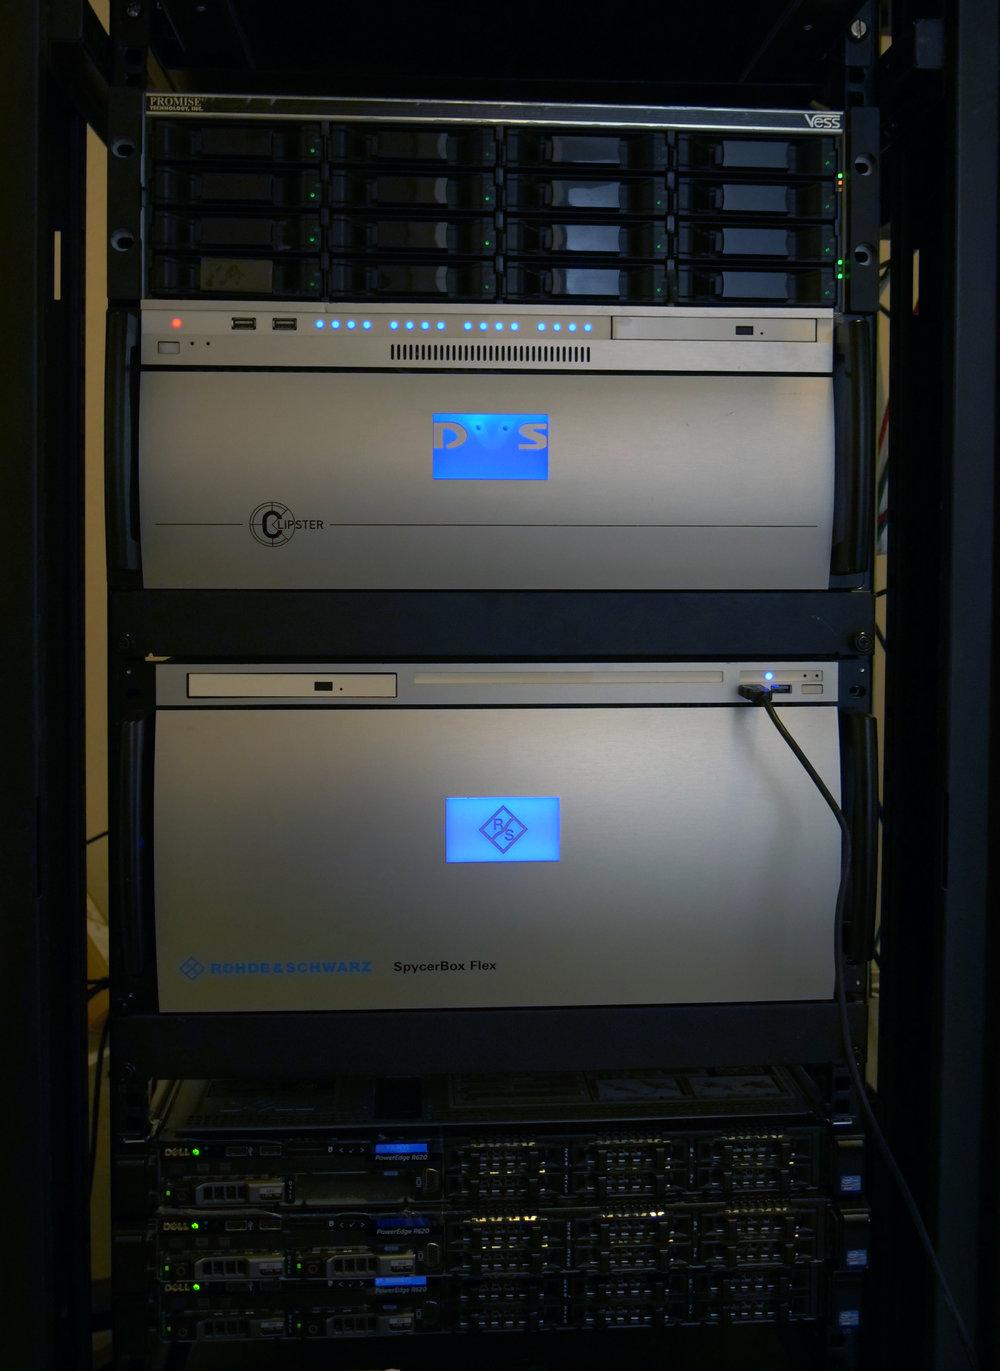 Thomas använder sig av hård- och mjukvara från DVS Clipster för DCP och mastring. Systemet har fyra stycken egna kort för hantering av JPEG2000 och kryptering.